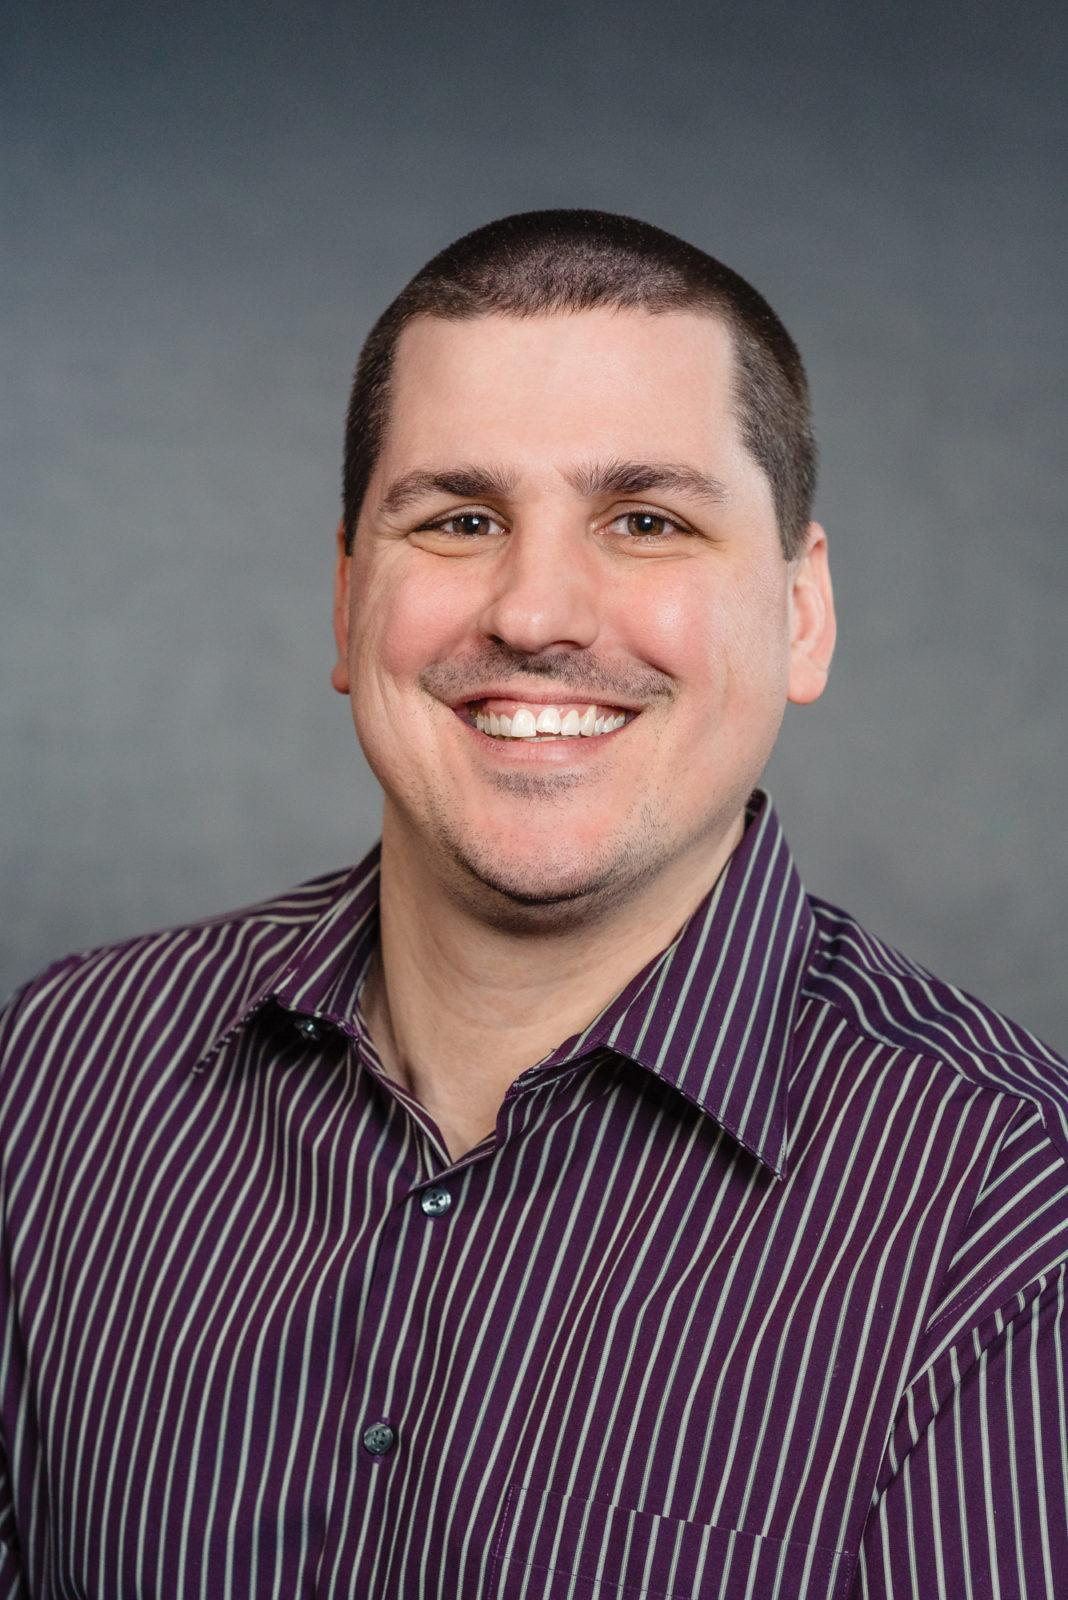 Matt Kleinot